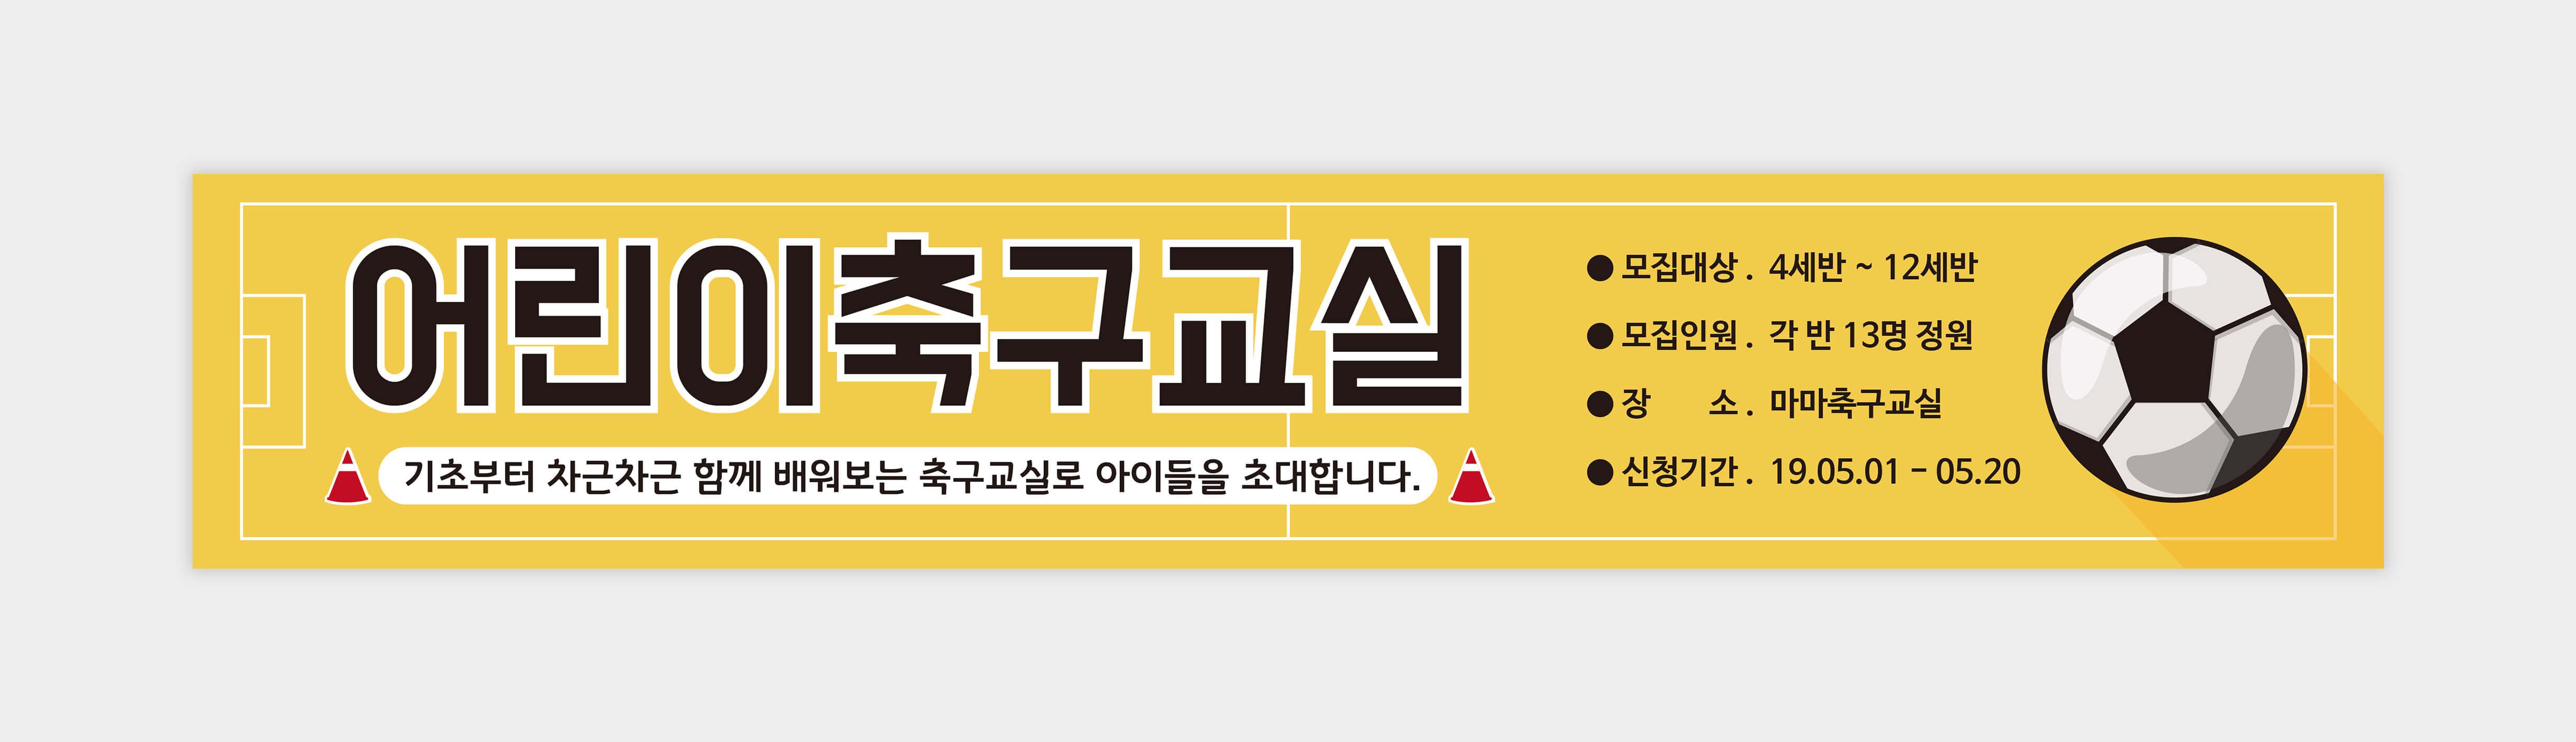 현수막_057